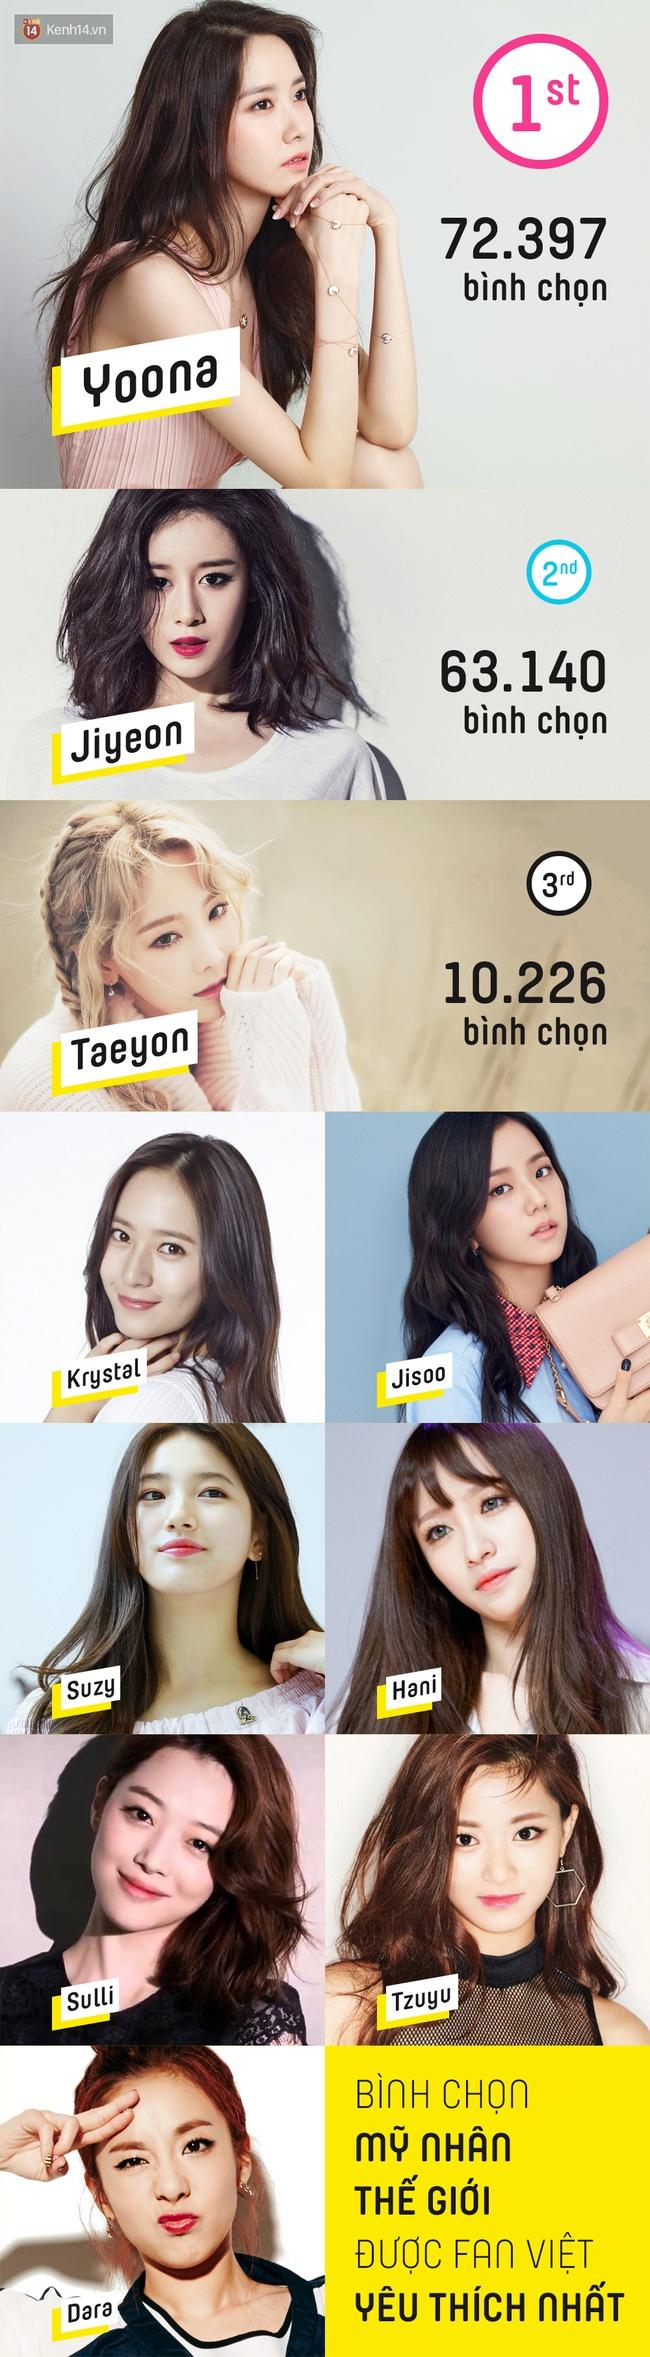 Mỹ nhân được fan Việt yêu thích nhất 2016: Jiyeon hay Krystal vẫn bại trận trước nữ thần Yoona! - Ảnh 1.